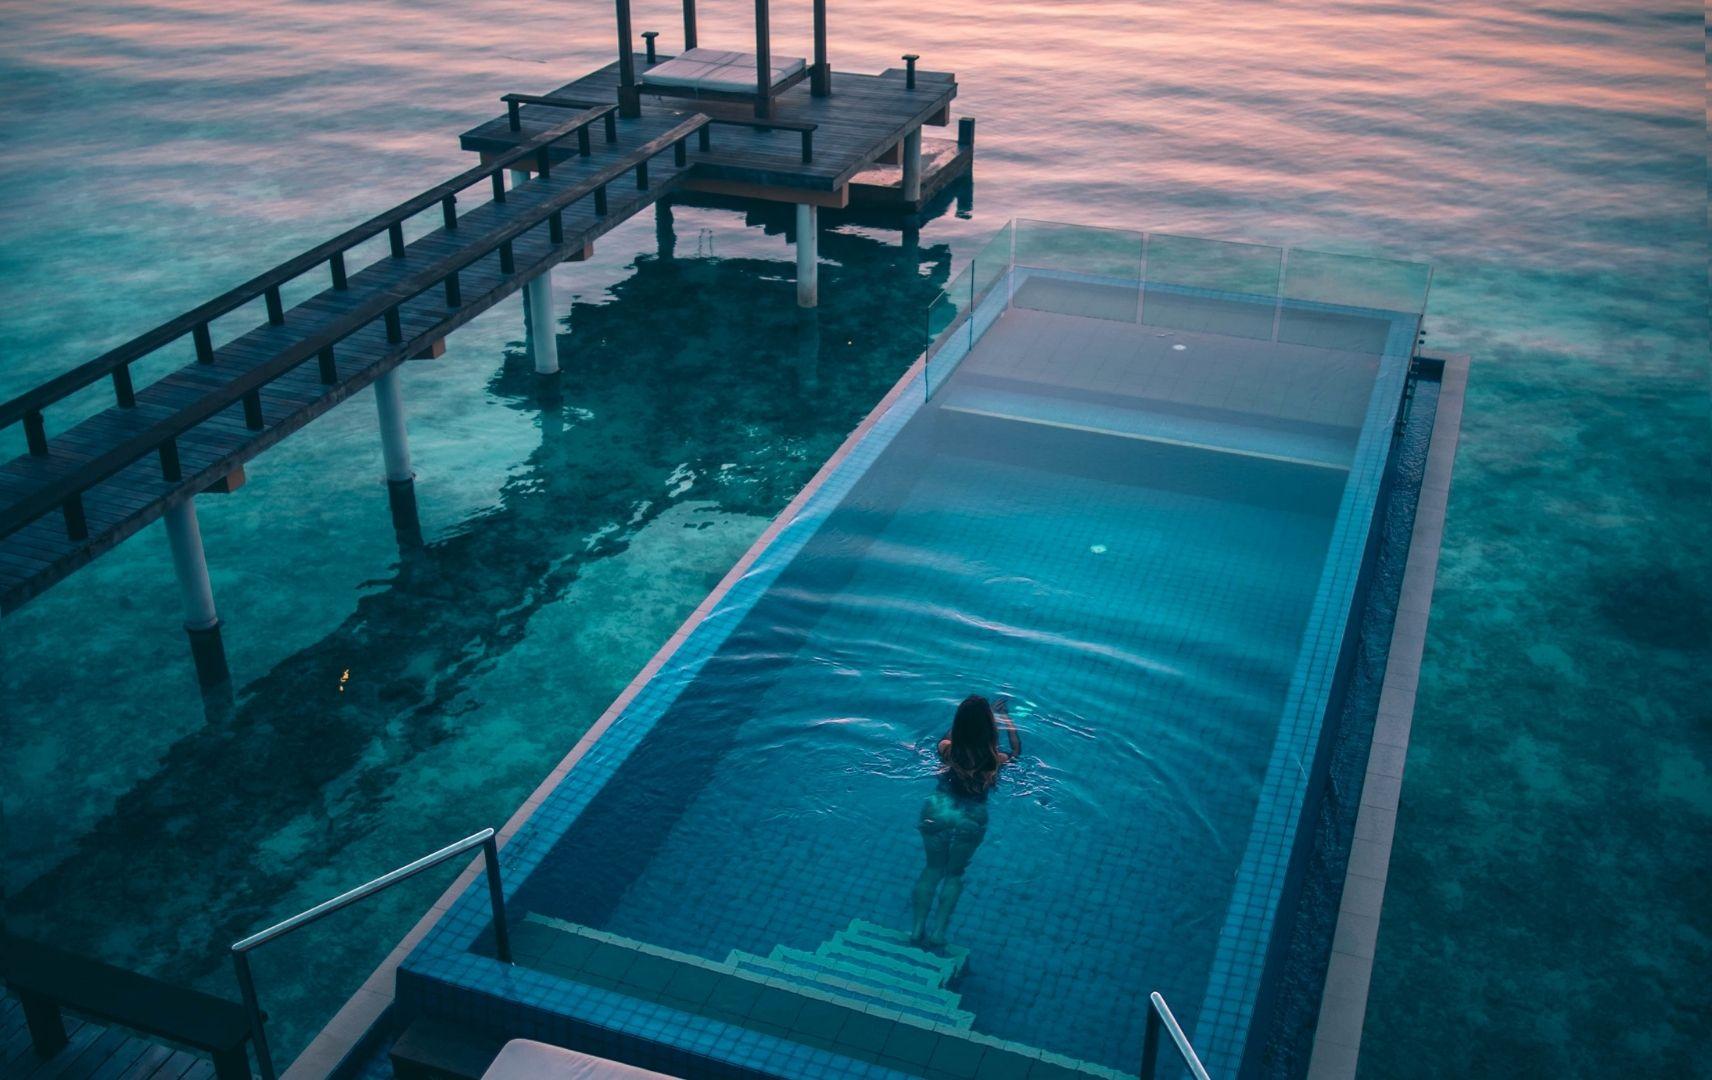 Pool im Meer